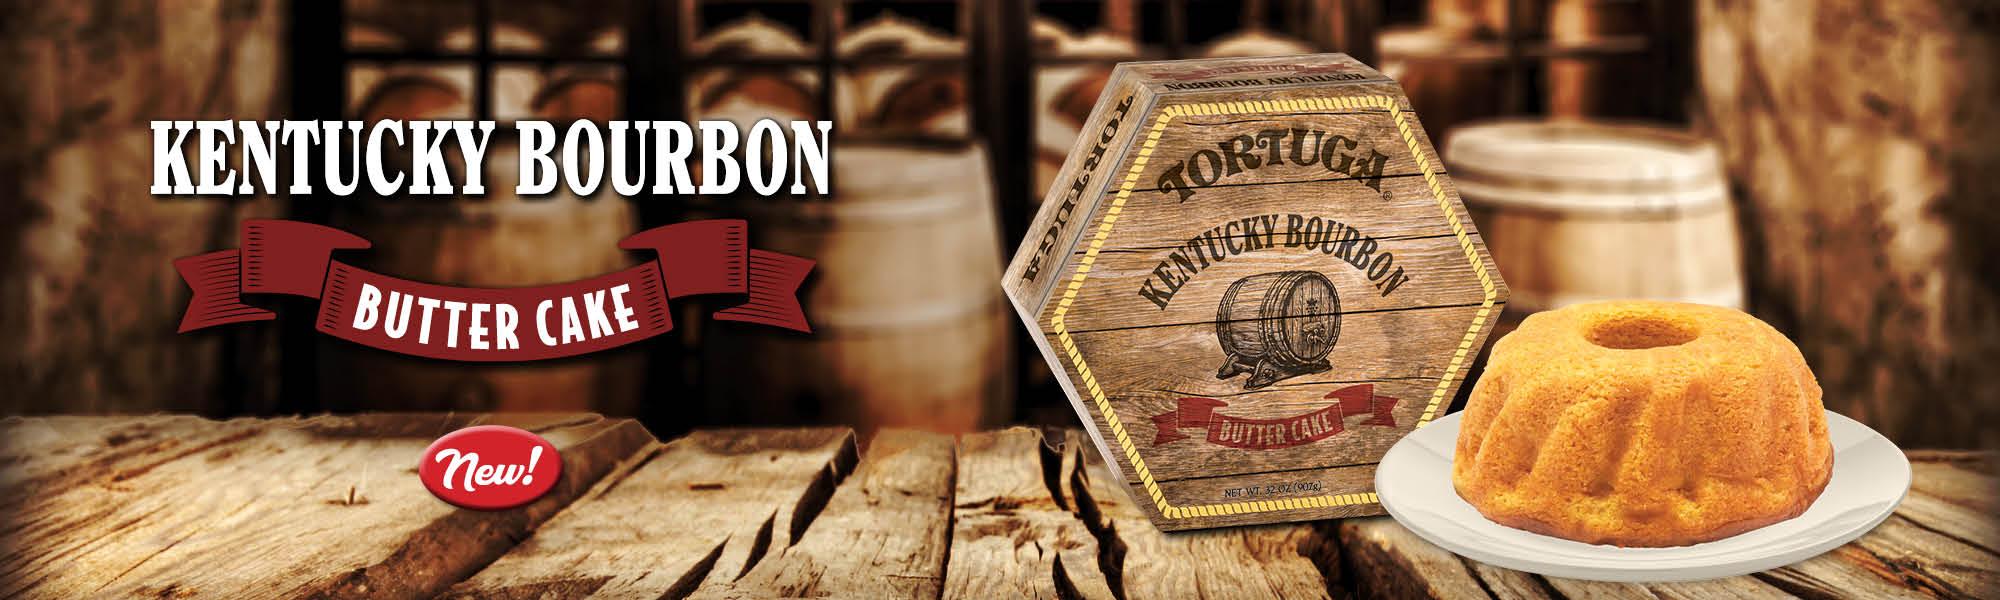 bourbon-2000x600.jpg